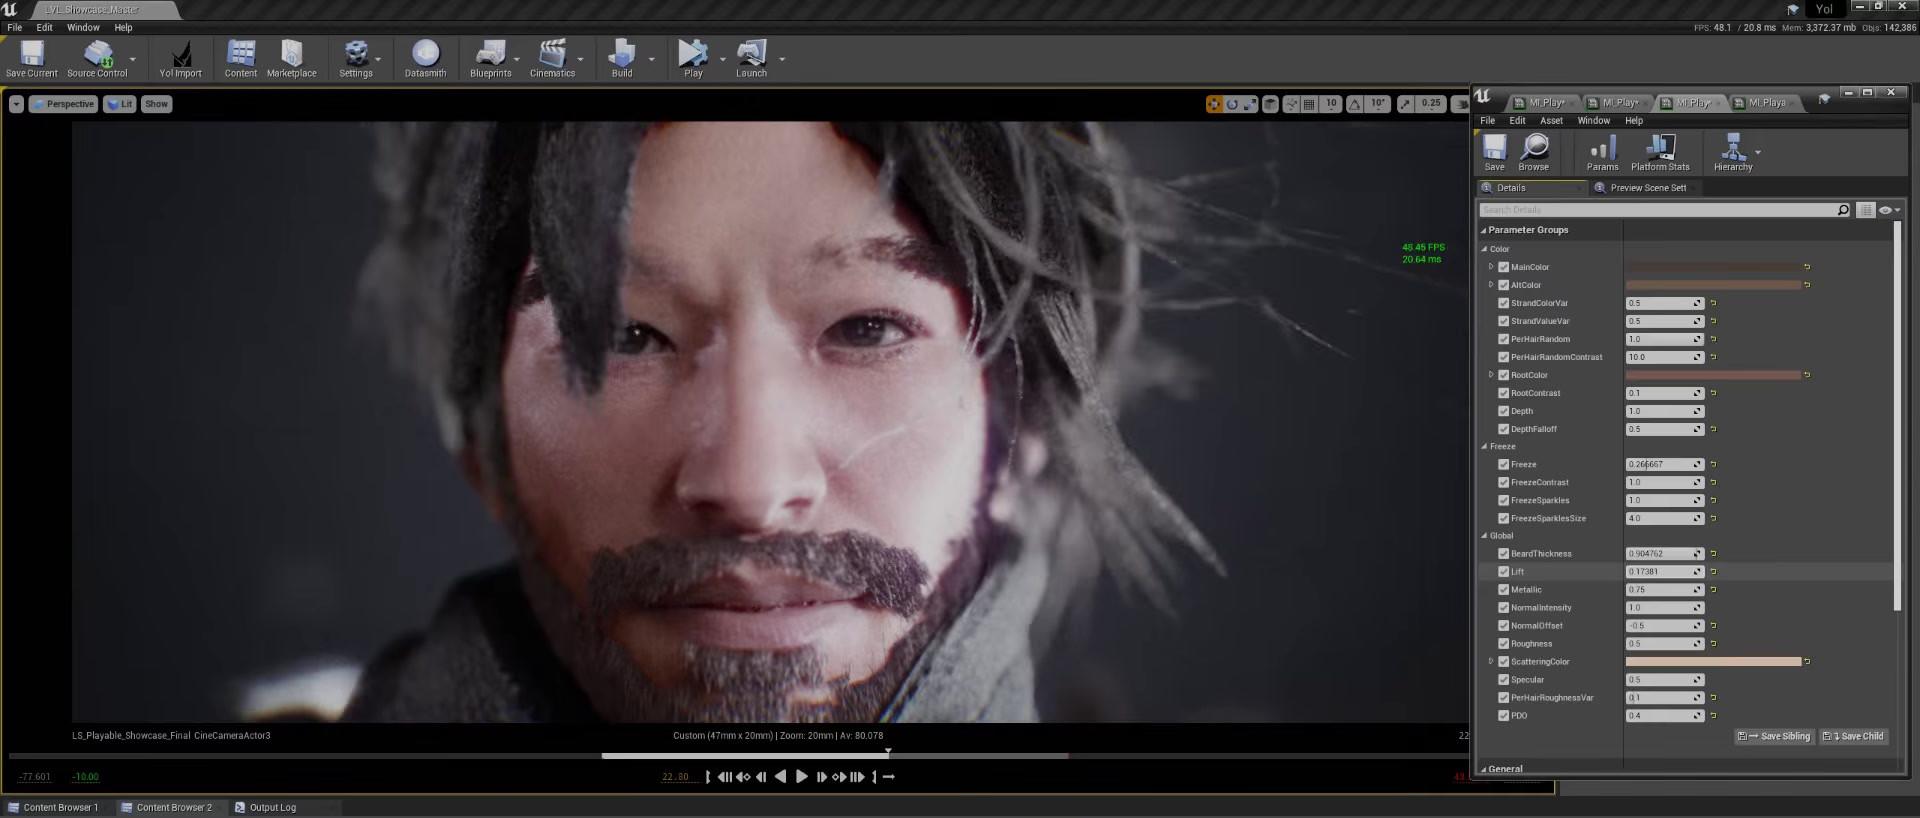 Character shading